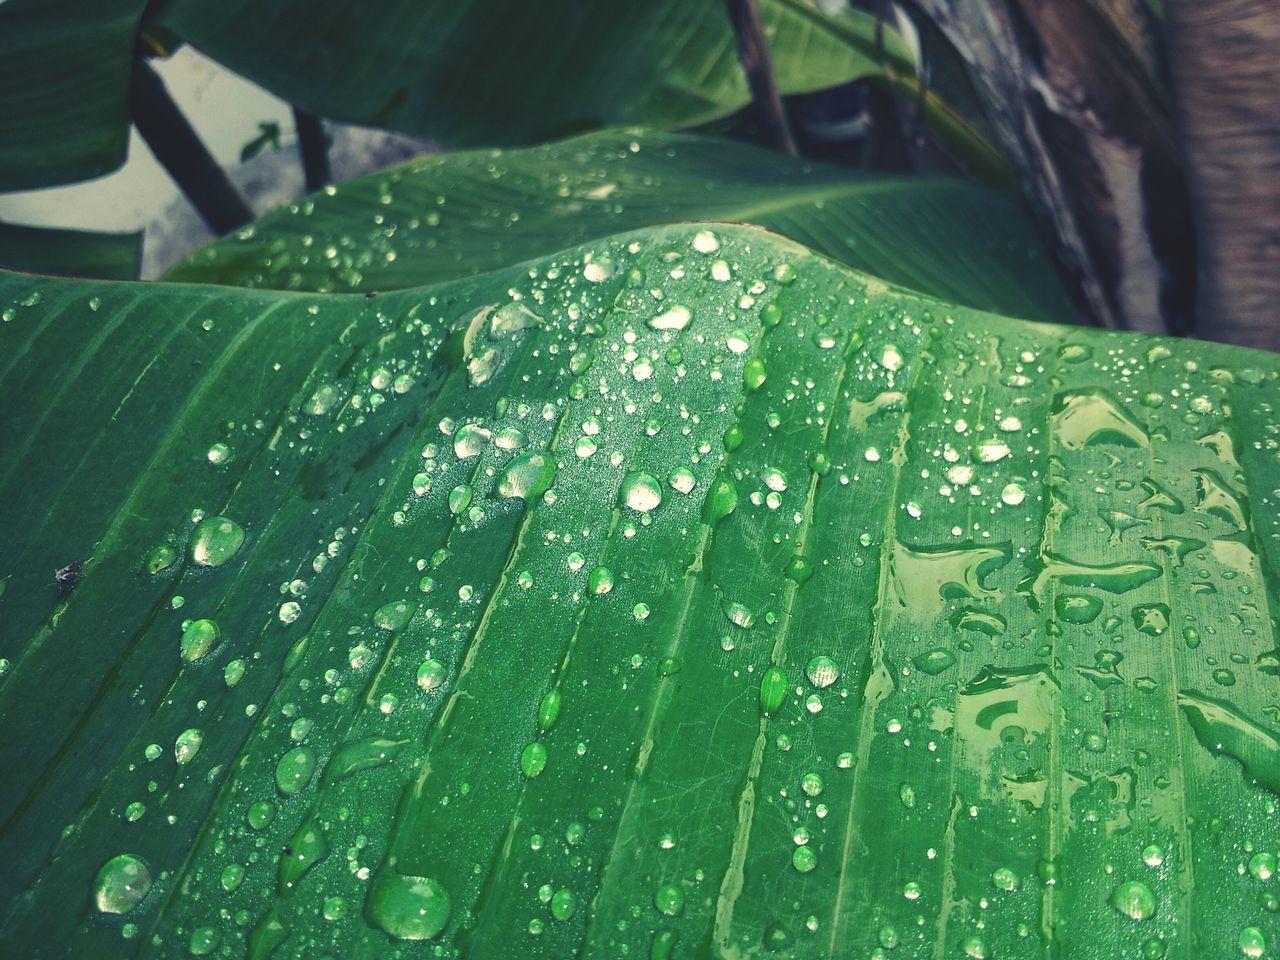 Waterdrops Focus Perfection Is Everywhere Lemon Lime By Motorola